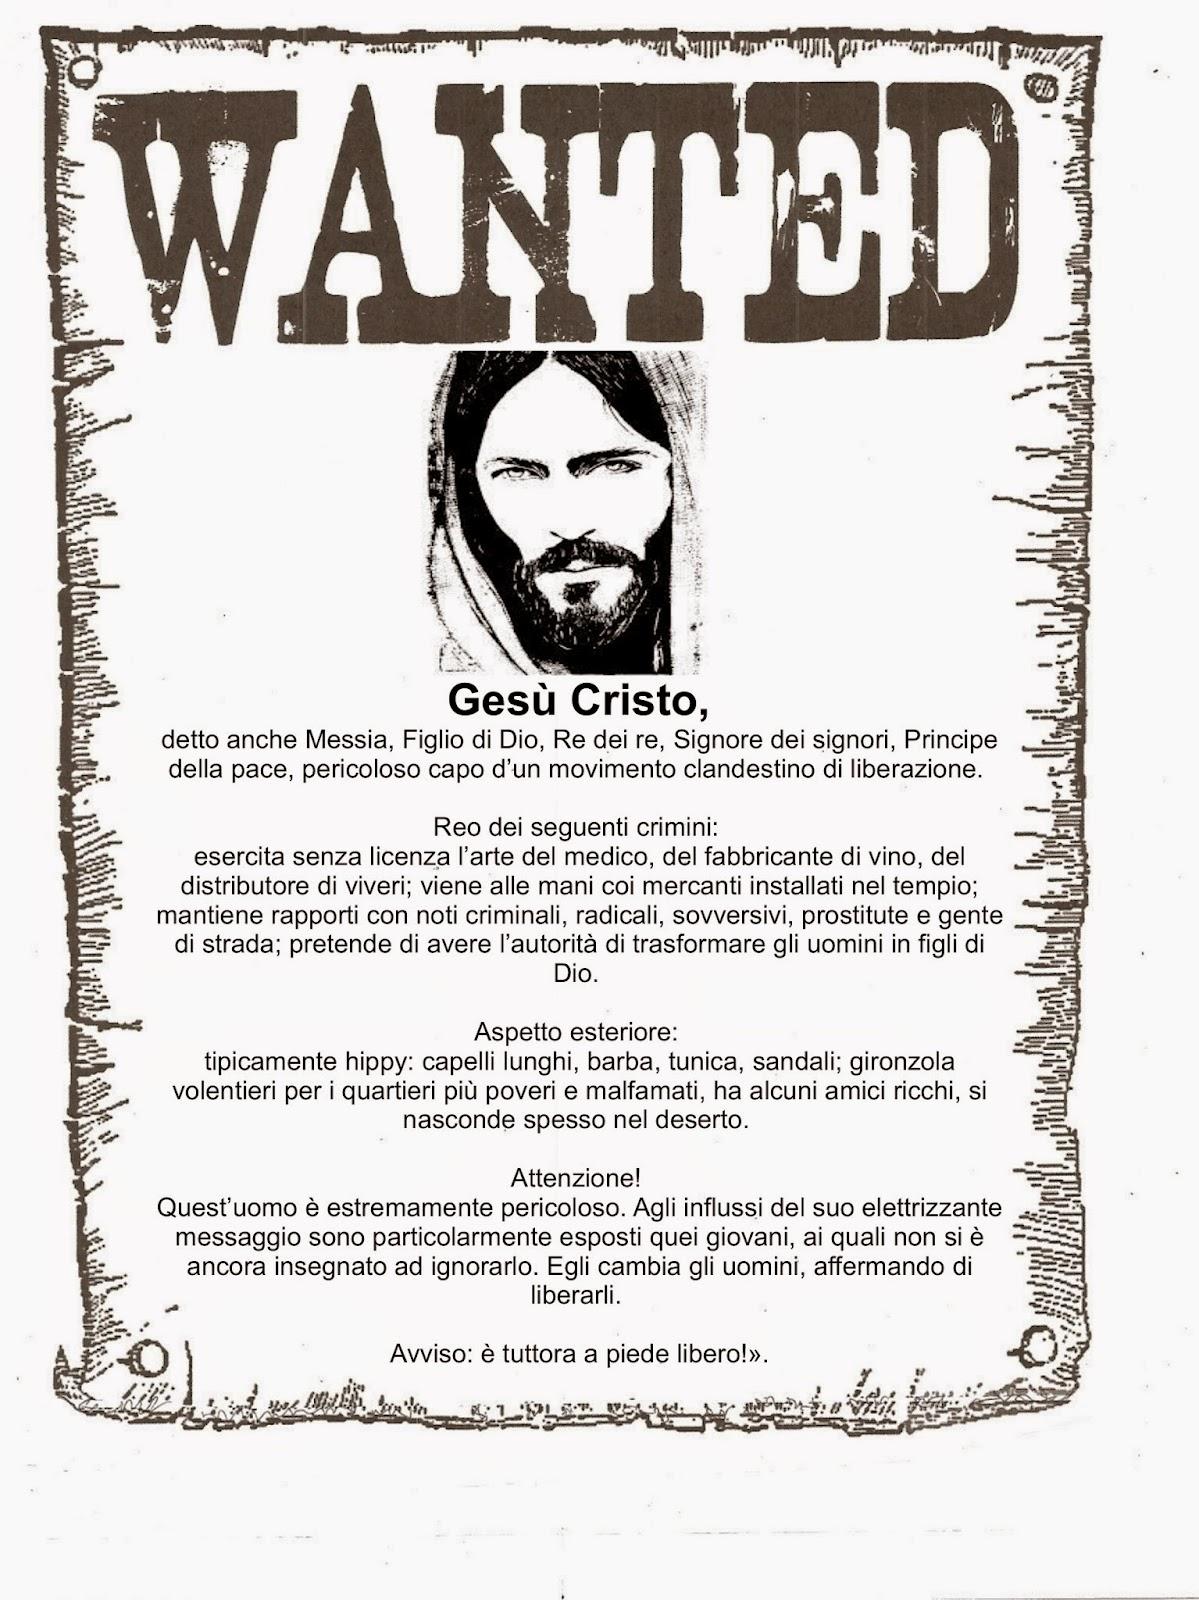 Il mio amico ges wanted - Divo barsotti meditazioni ...